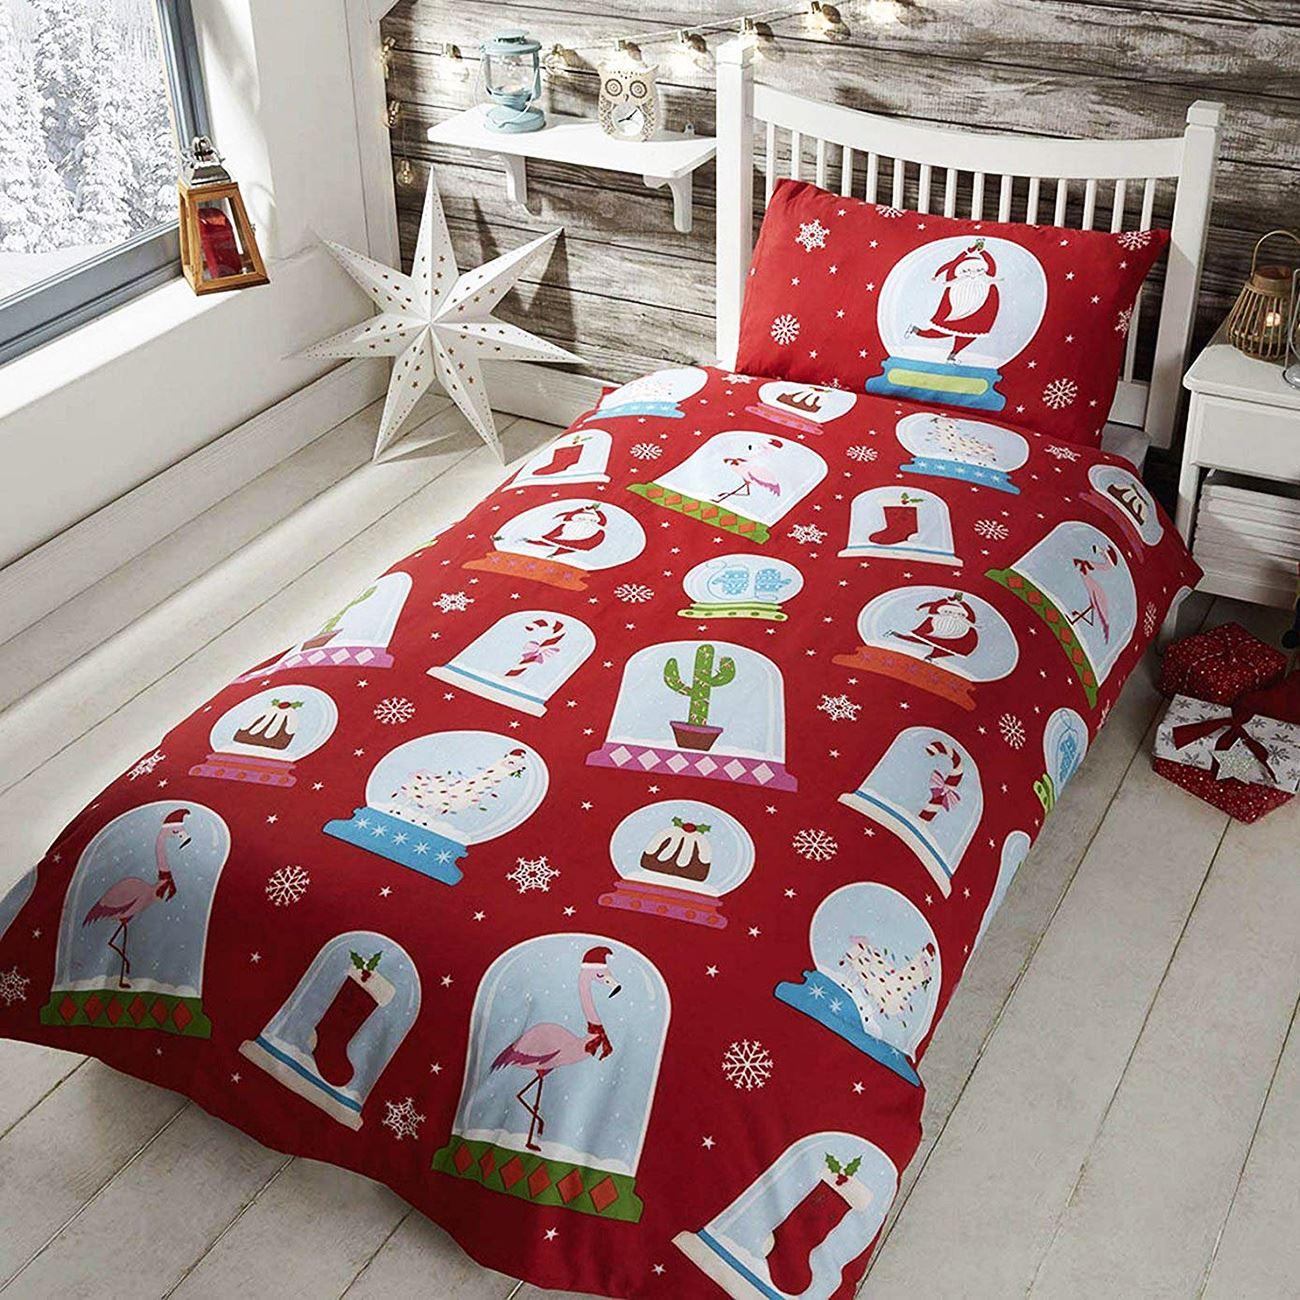 Indexbild 80 - Kinder Weihnachten Bettbezug Sets - Junior Einzel Doppel King - Elf Emoji Grinch